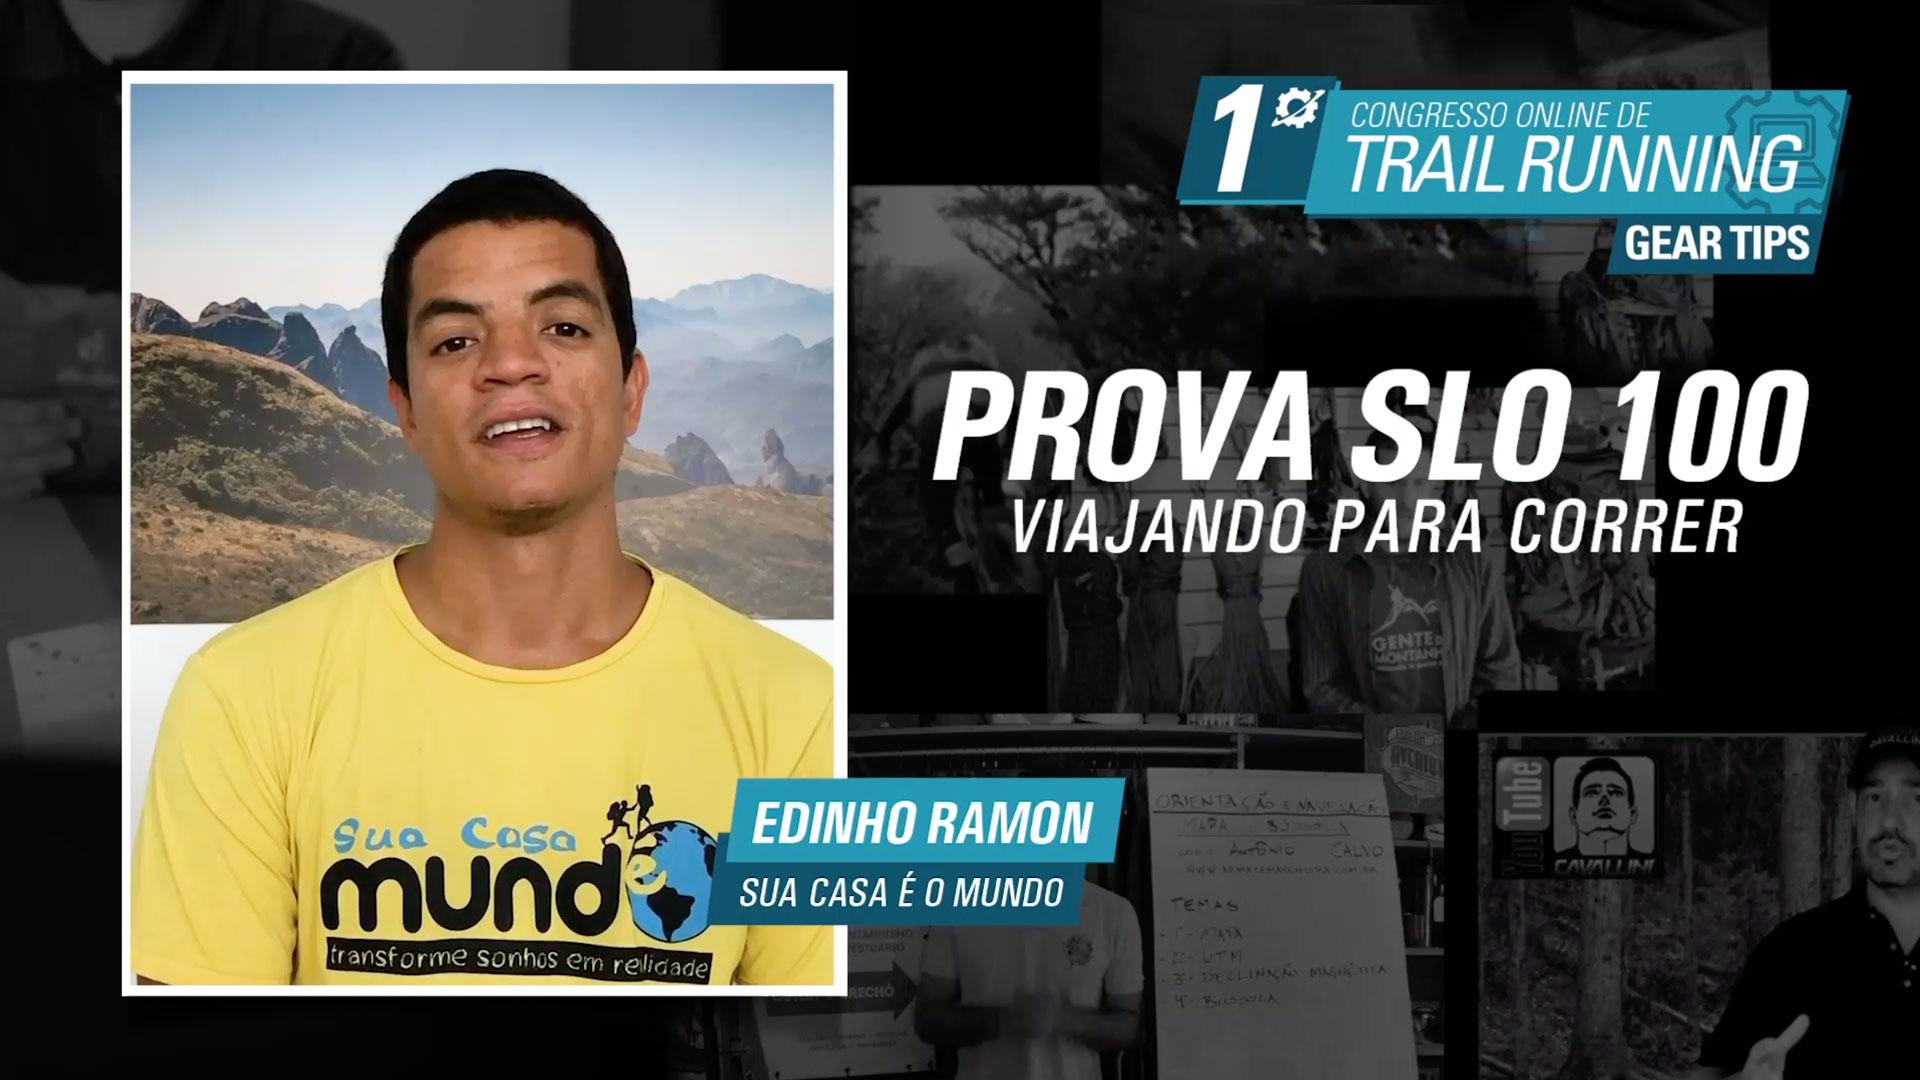 Prova SLO 100 - Edinho Ramon